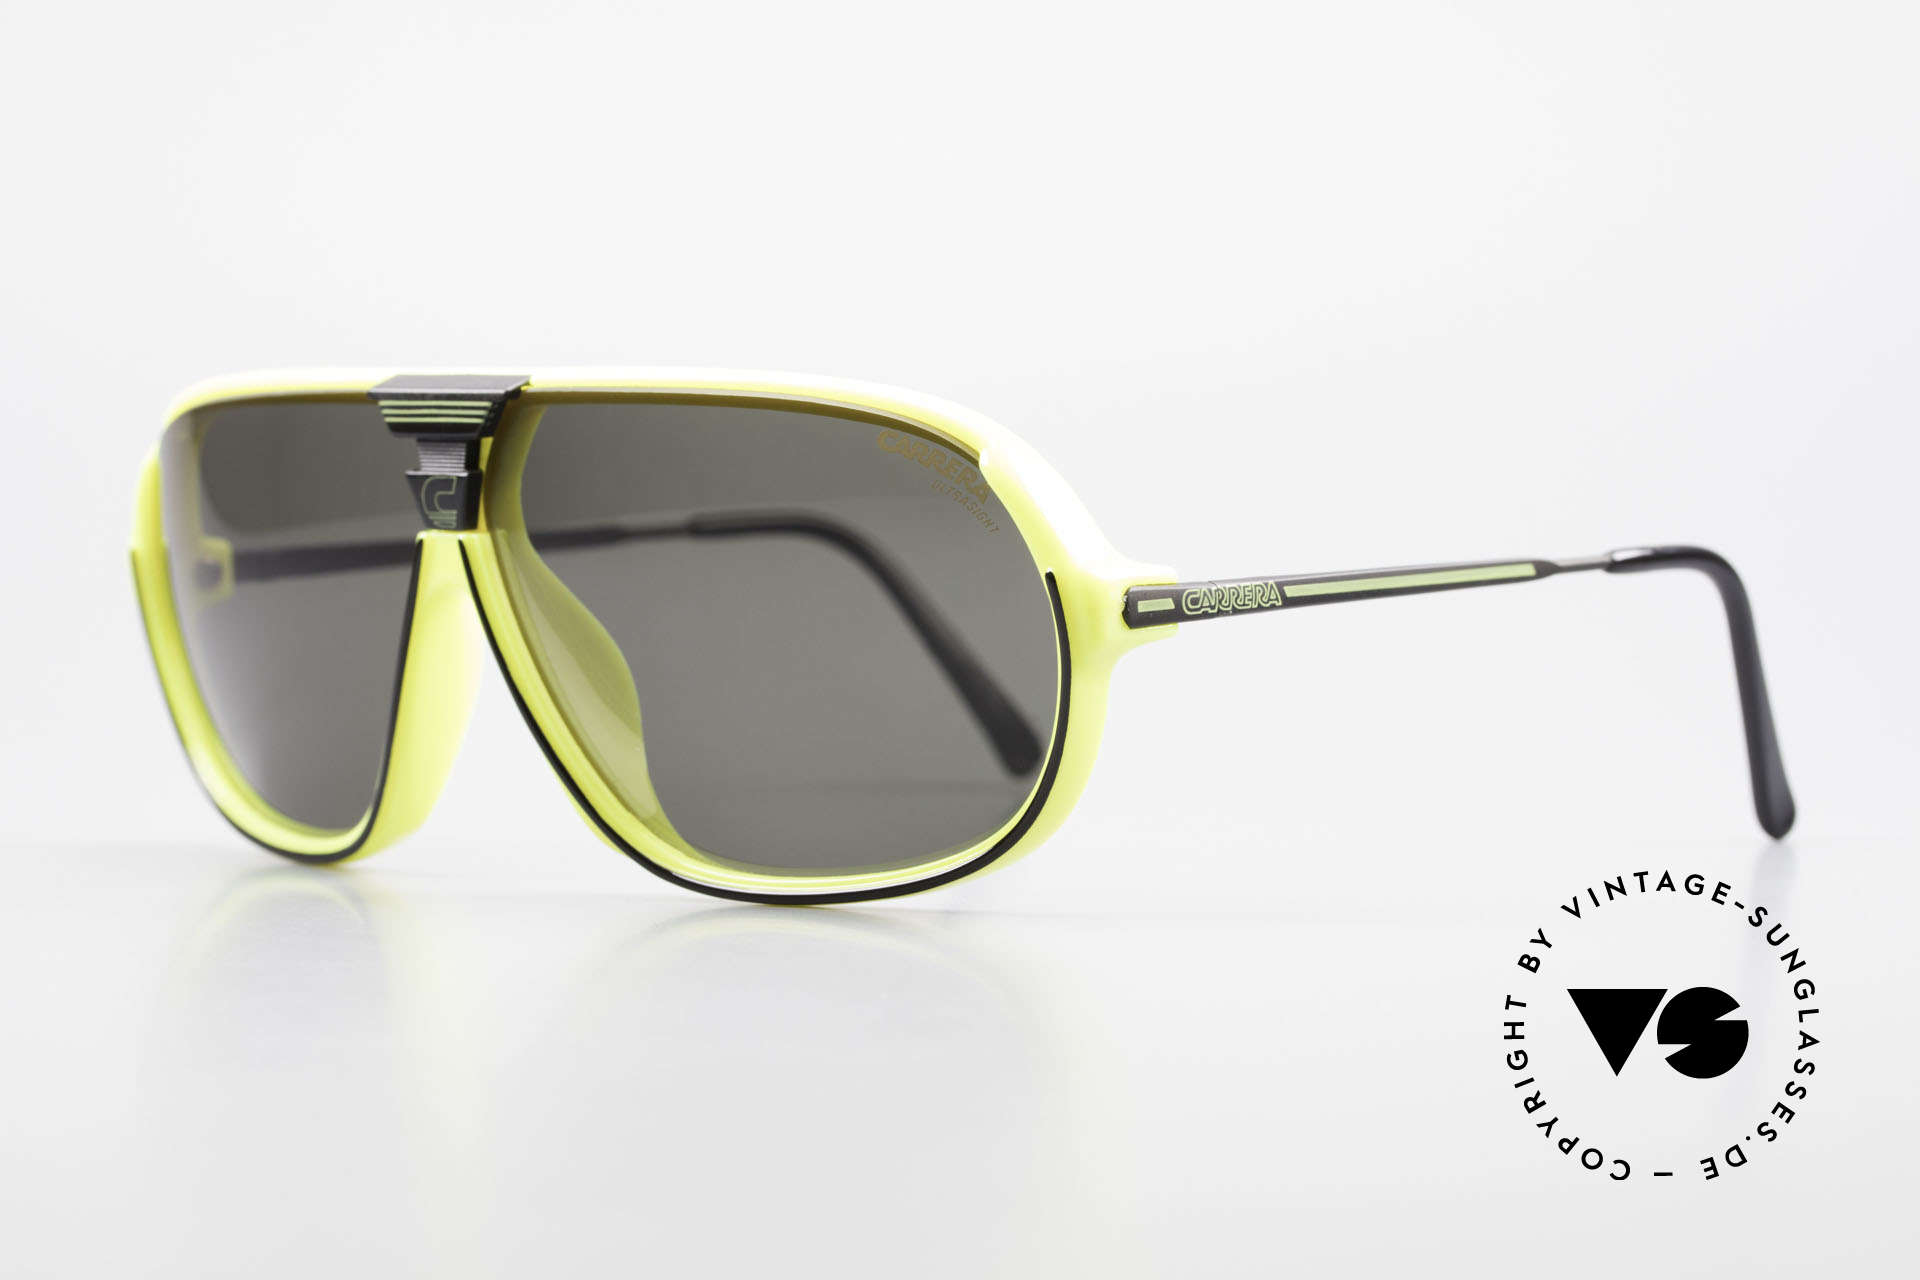 Carrera 5416 80's Sonnenbrille Polarisierend, 1x ULTRAPOL (polarisierend) und 1x ULTRASIGHT, Passend für Herren